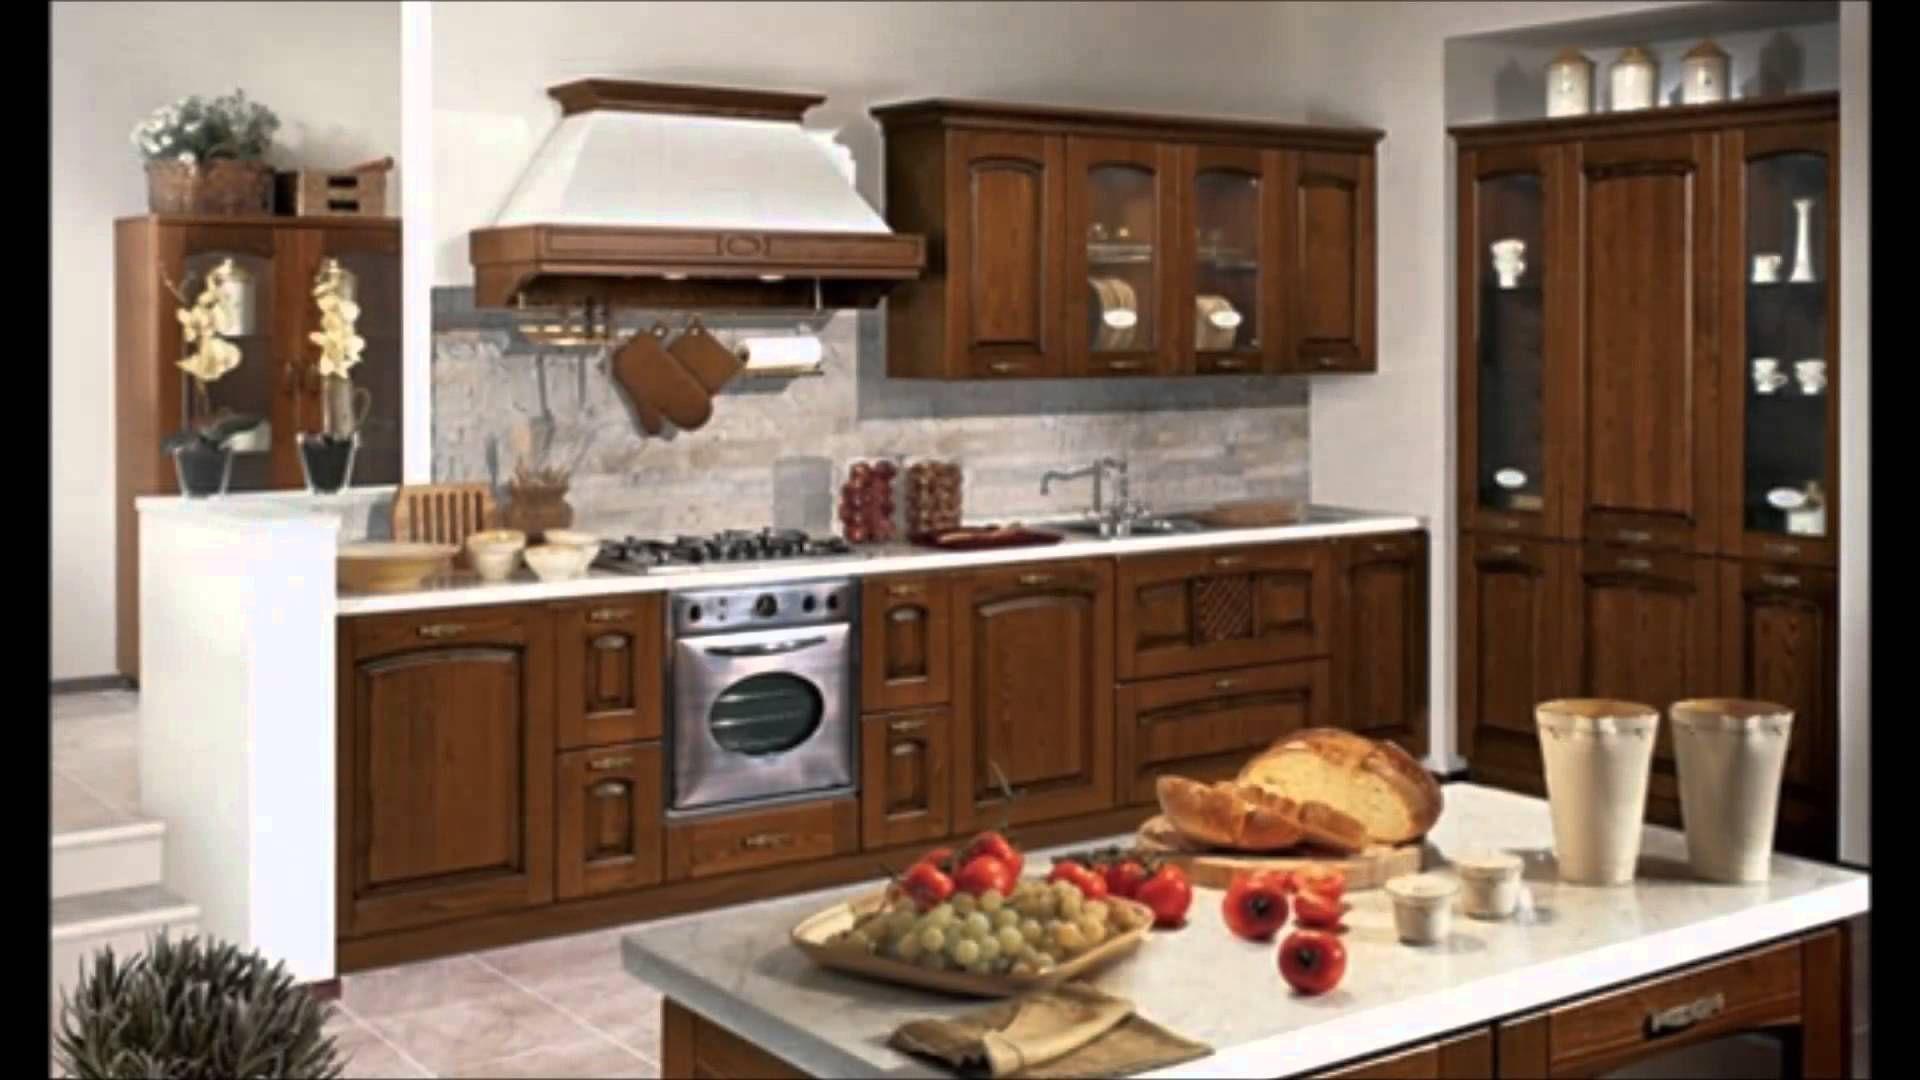 Blanco Arredamento rivenditore autorizzato Stosa | Cucine Classiche ...